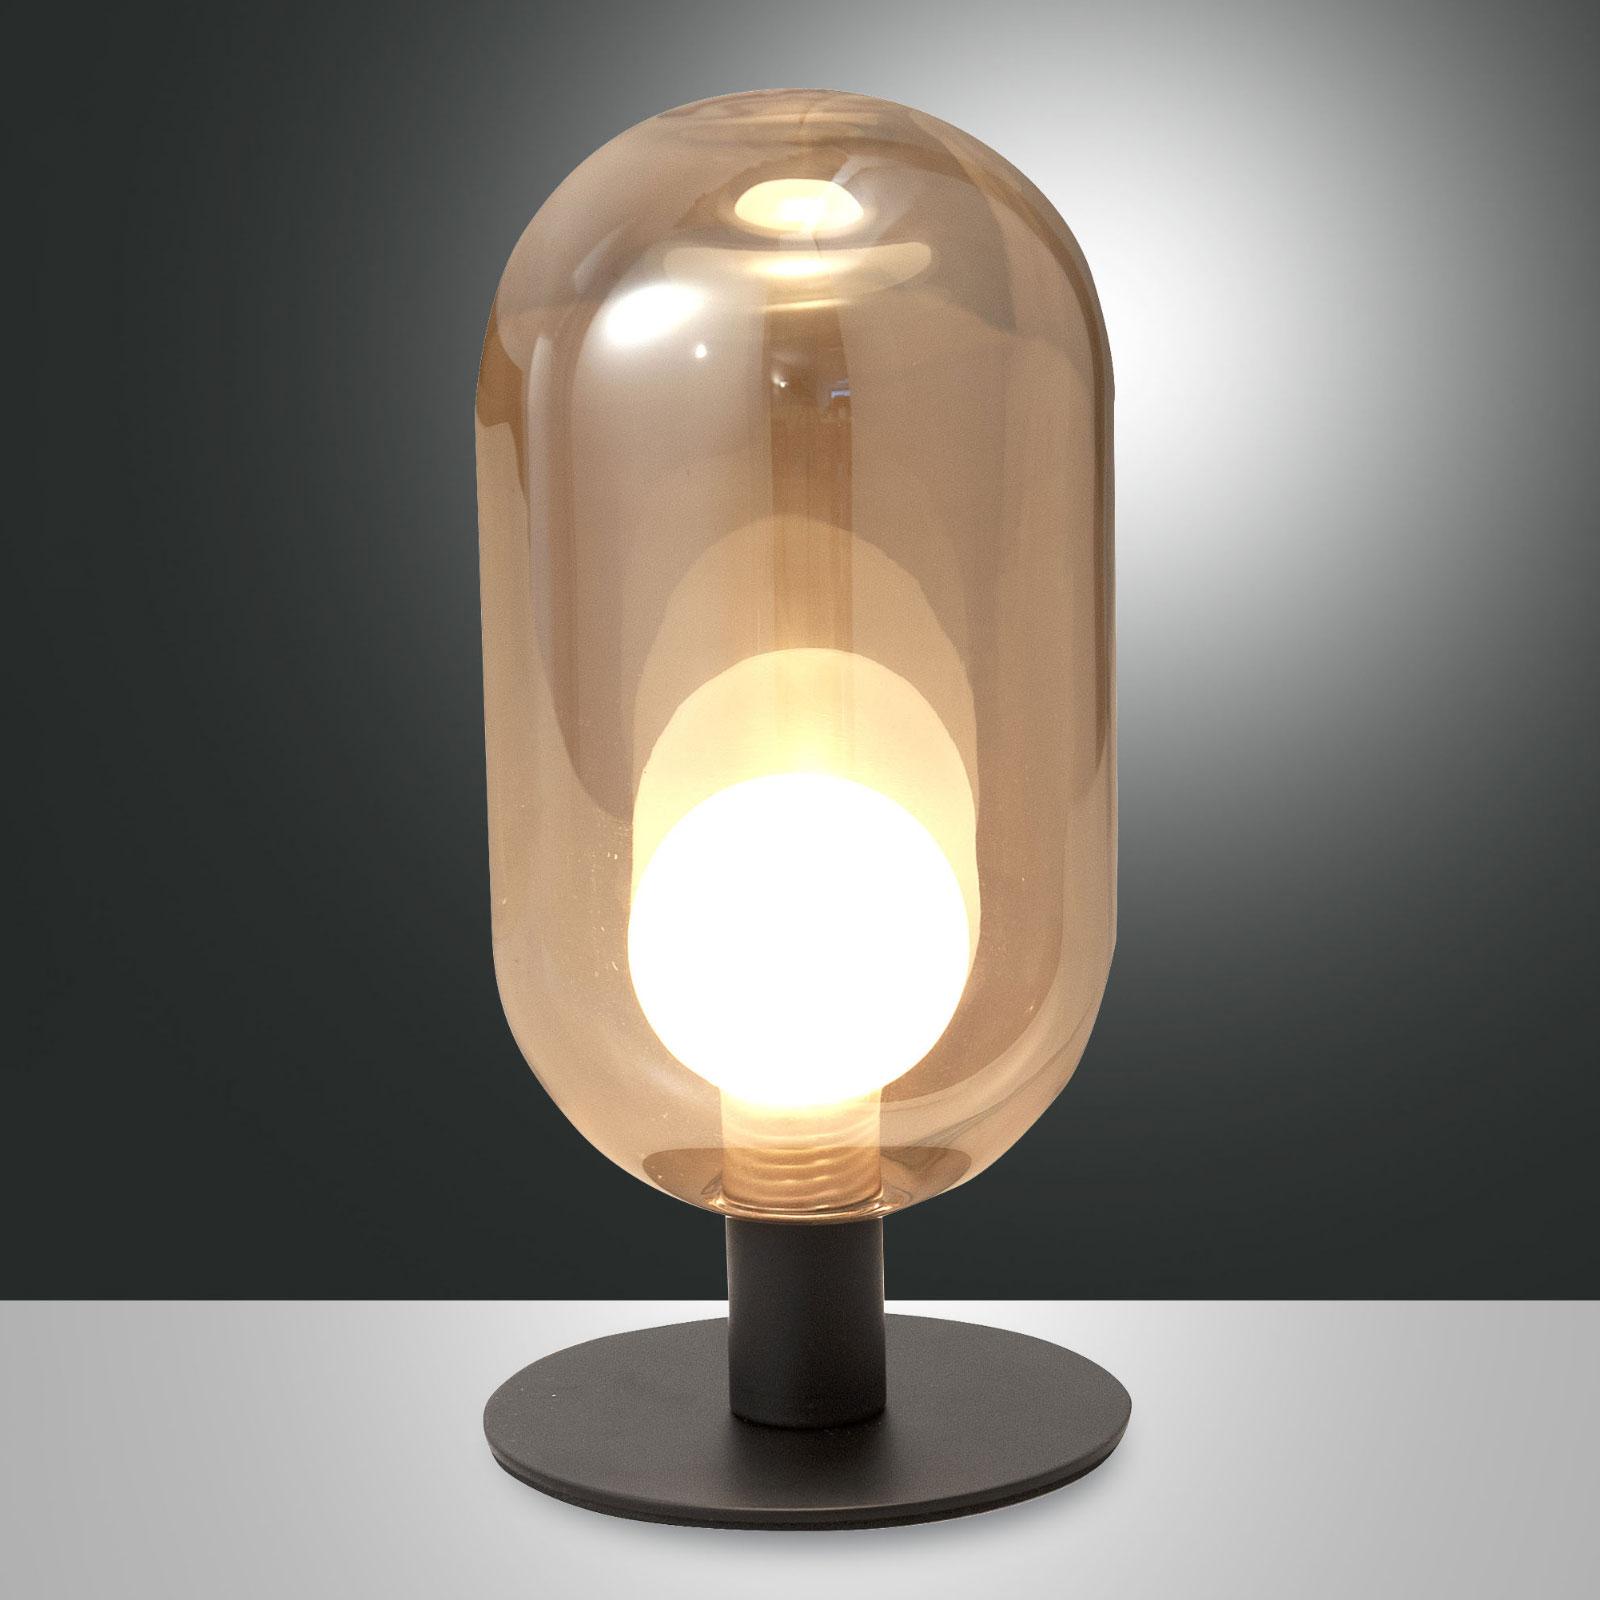 LED-Tischleuchte Gubbio, ovaler Glasschirm, amber